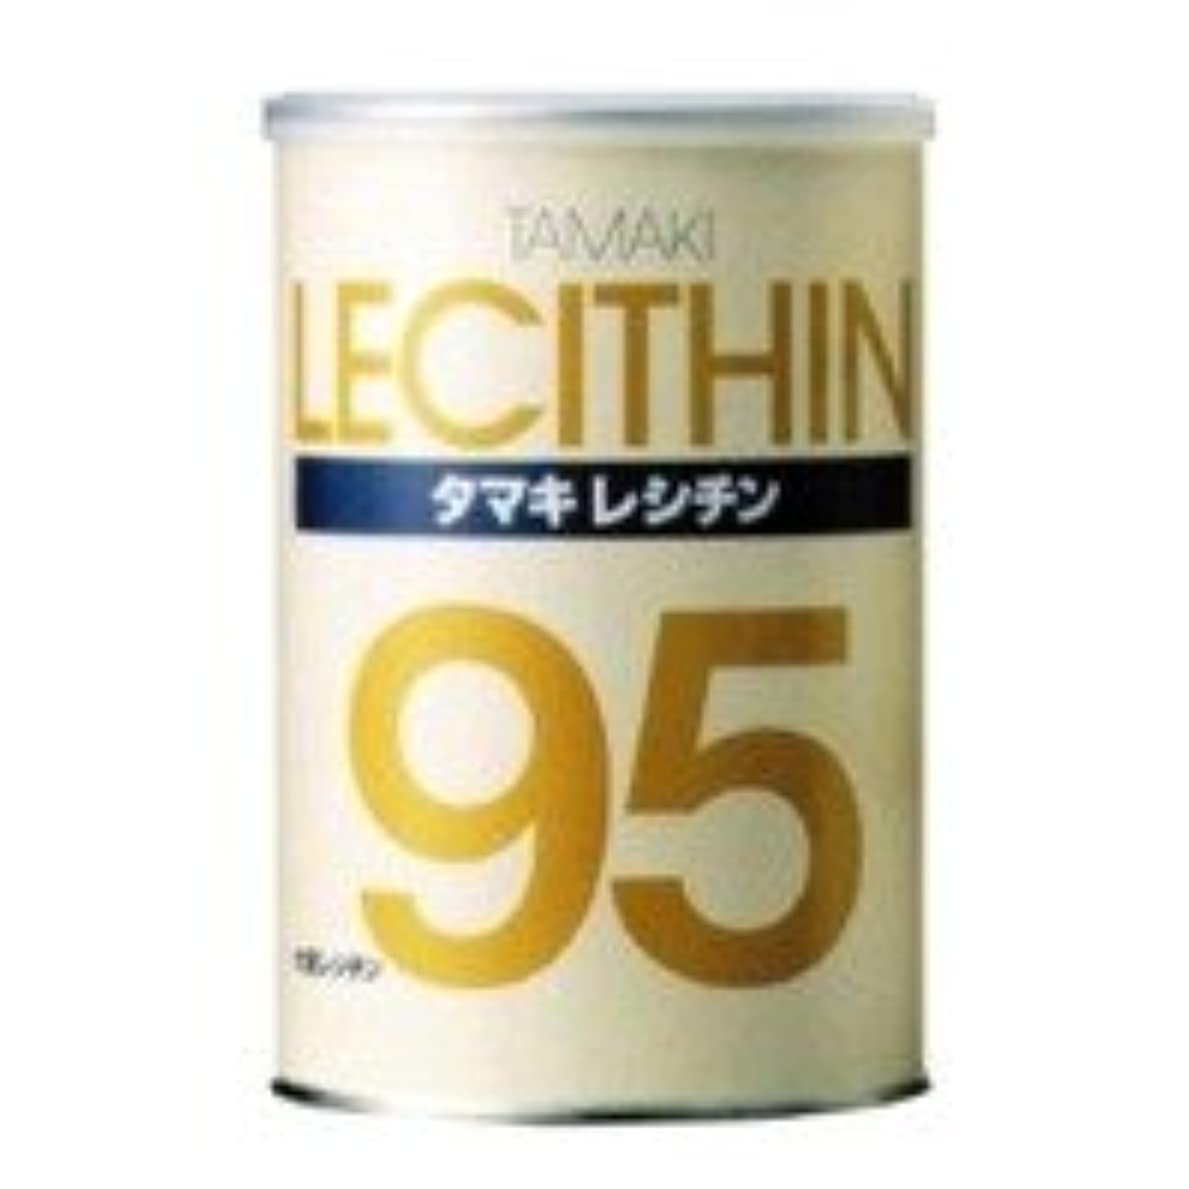 前強打厳密に玉樹 レシチン 500g